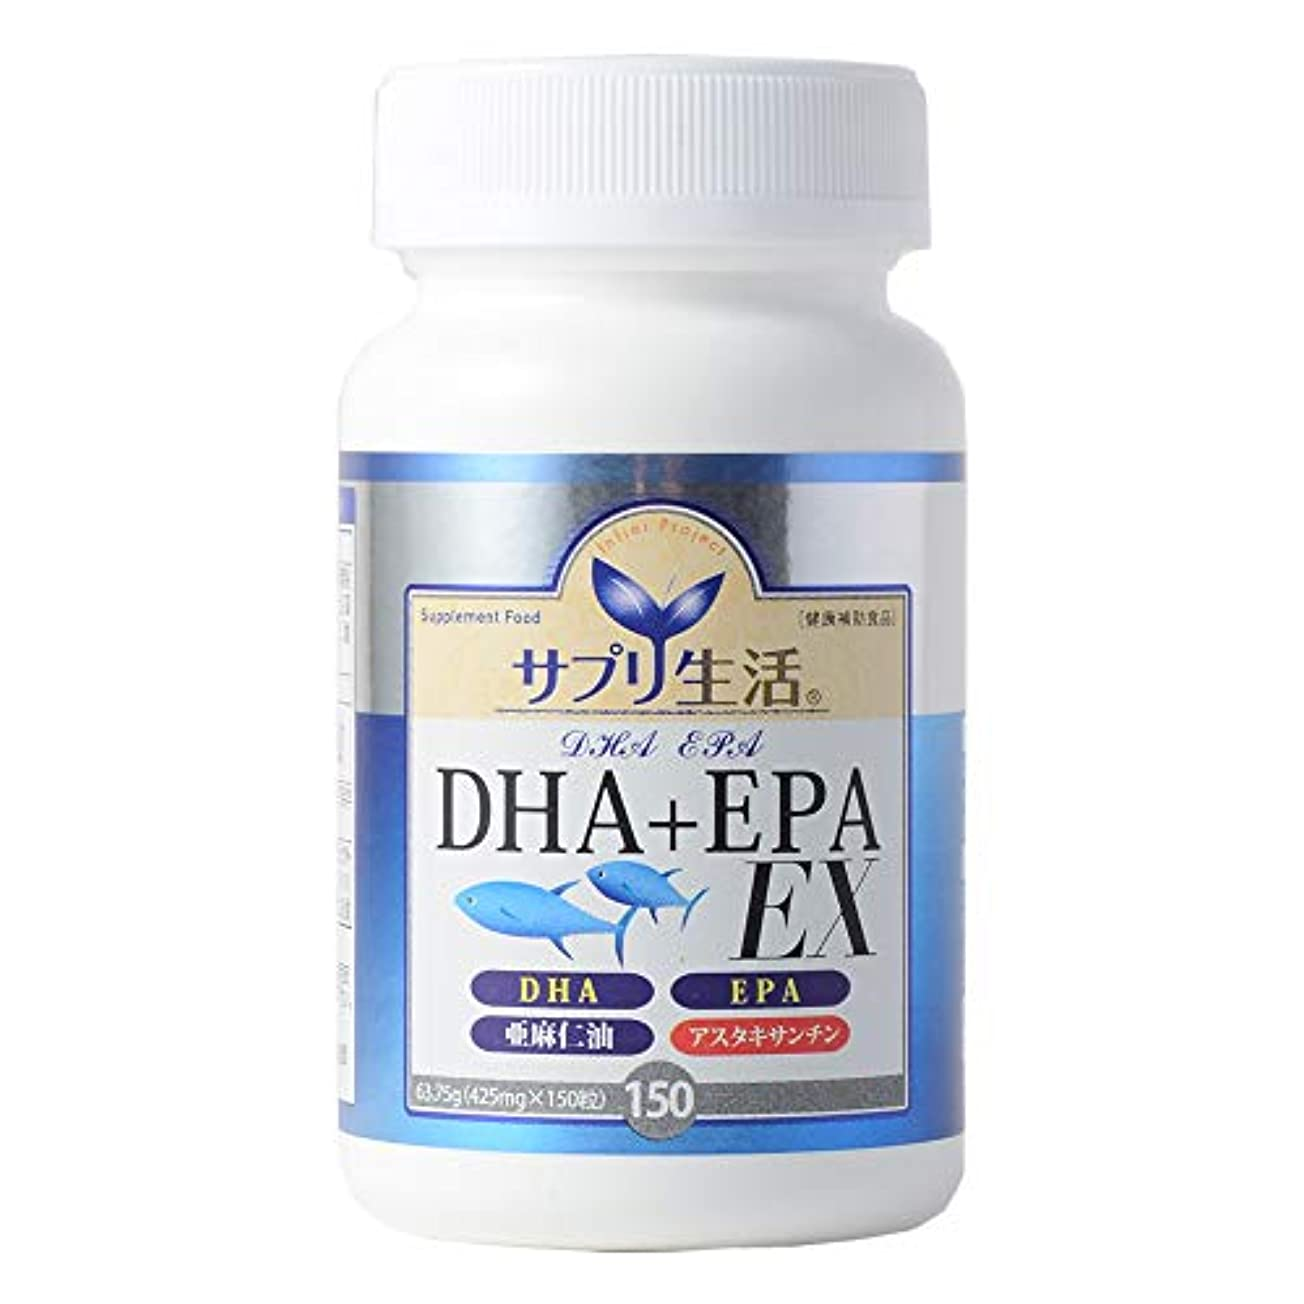 強いシプリー発明サプリ生活 DHA+EPA EX